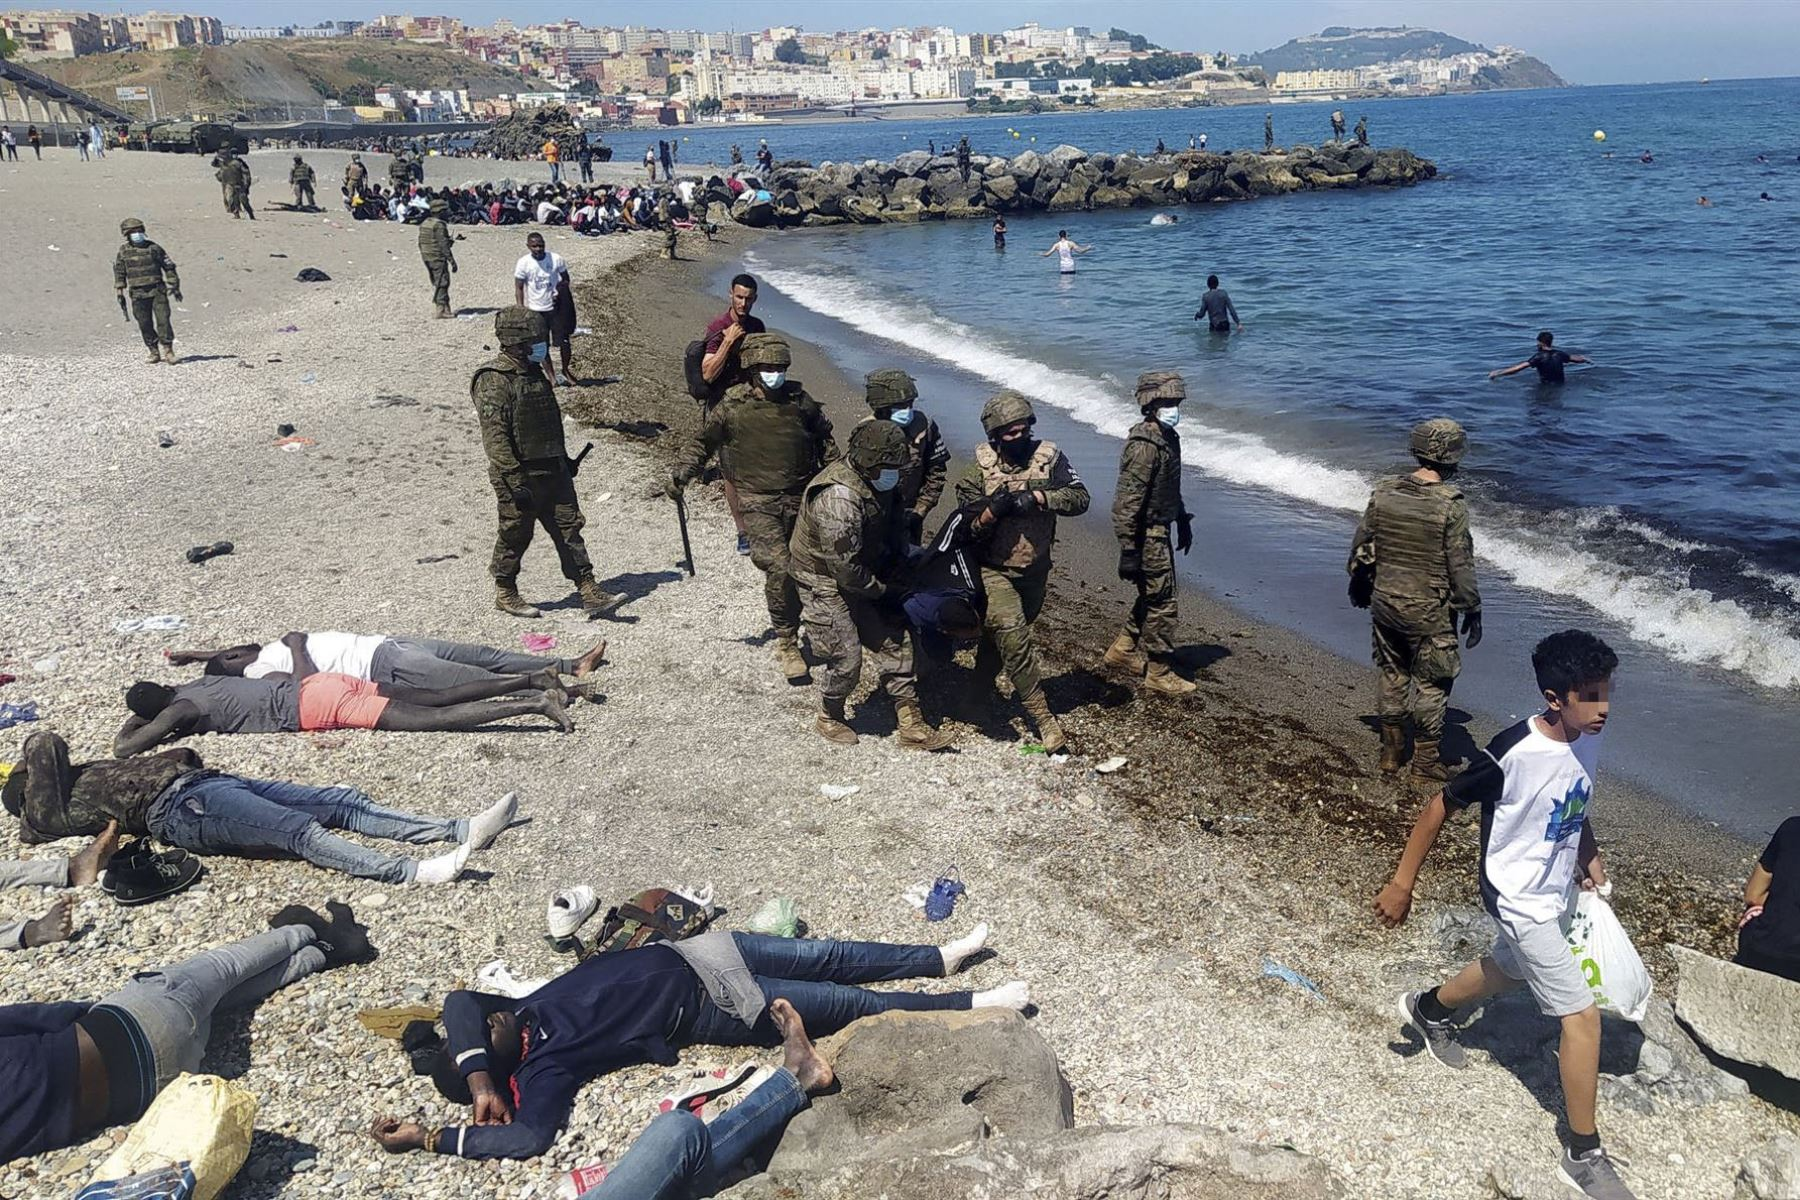 España devuelve a Marruecos 5,600 inmigrantes llegados a Ceuta.